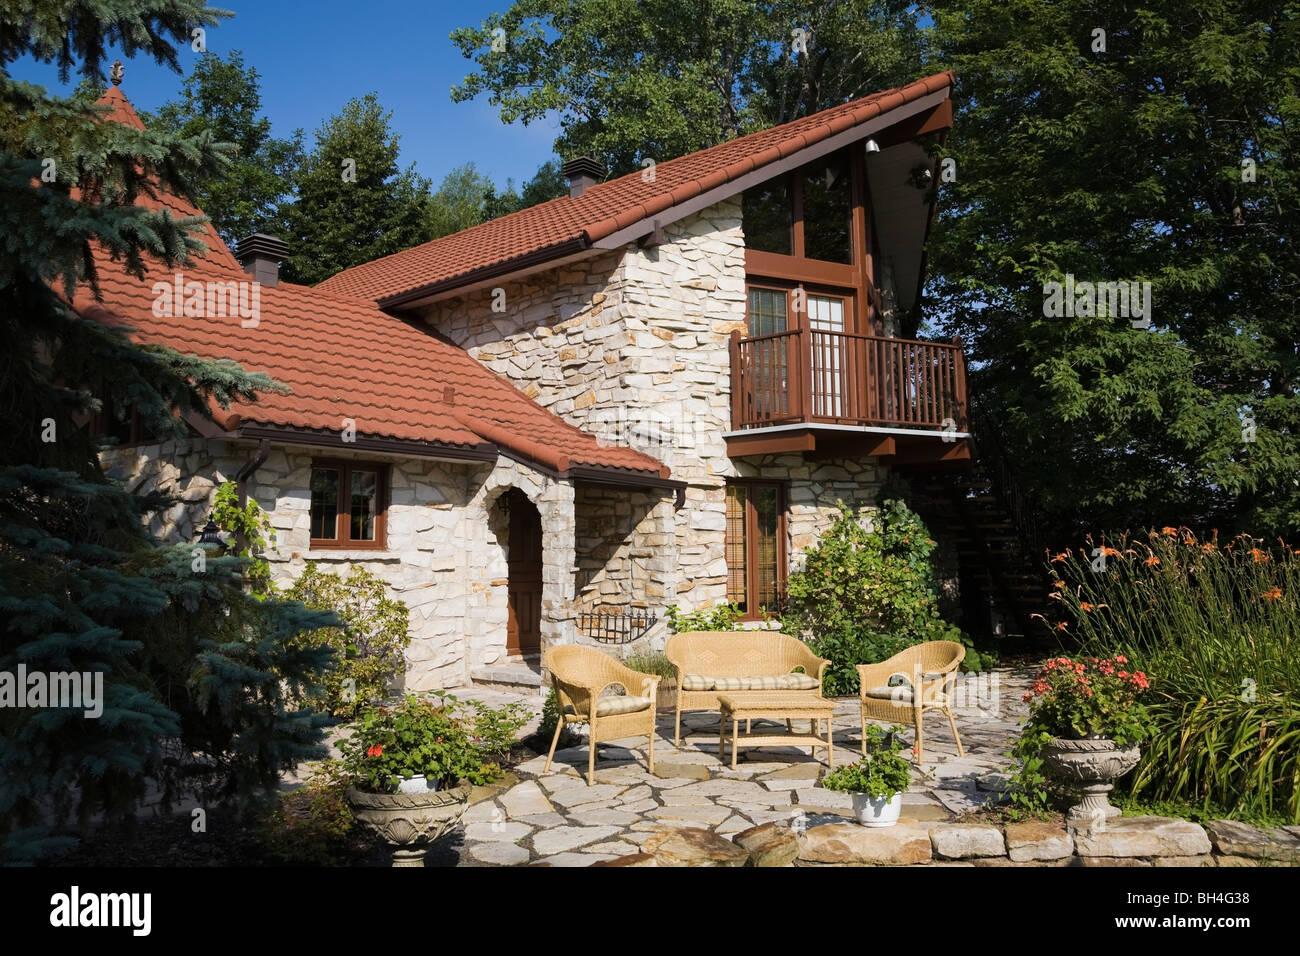 Home con paesaggistici cortile anteriore e un arredamento in vimini sul patio, Laval, Québec Immagini Stock